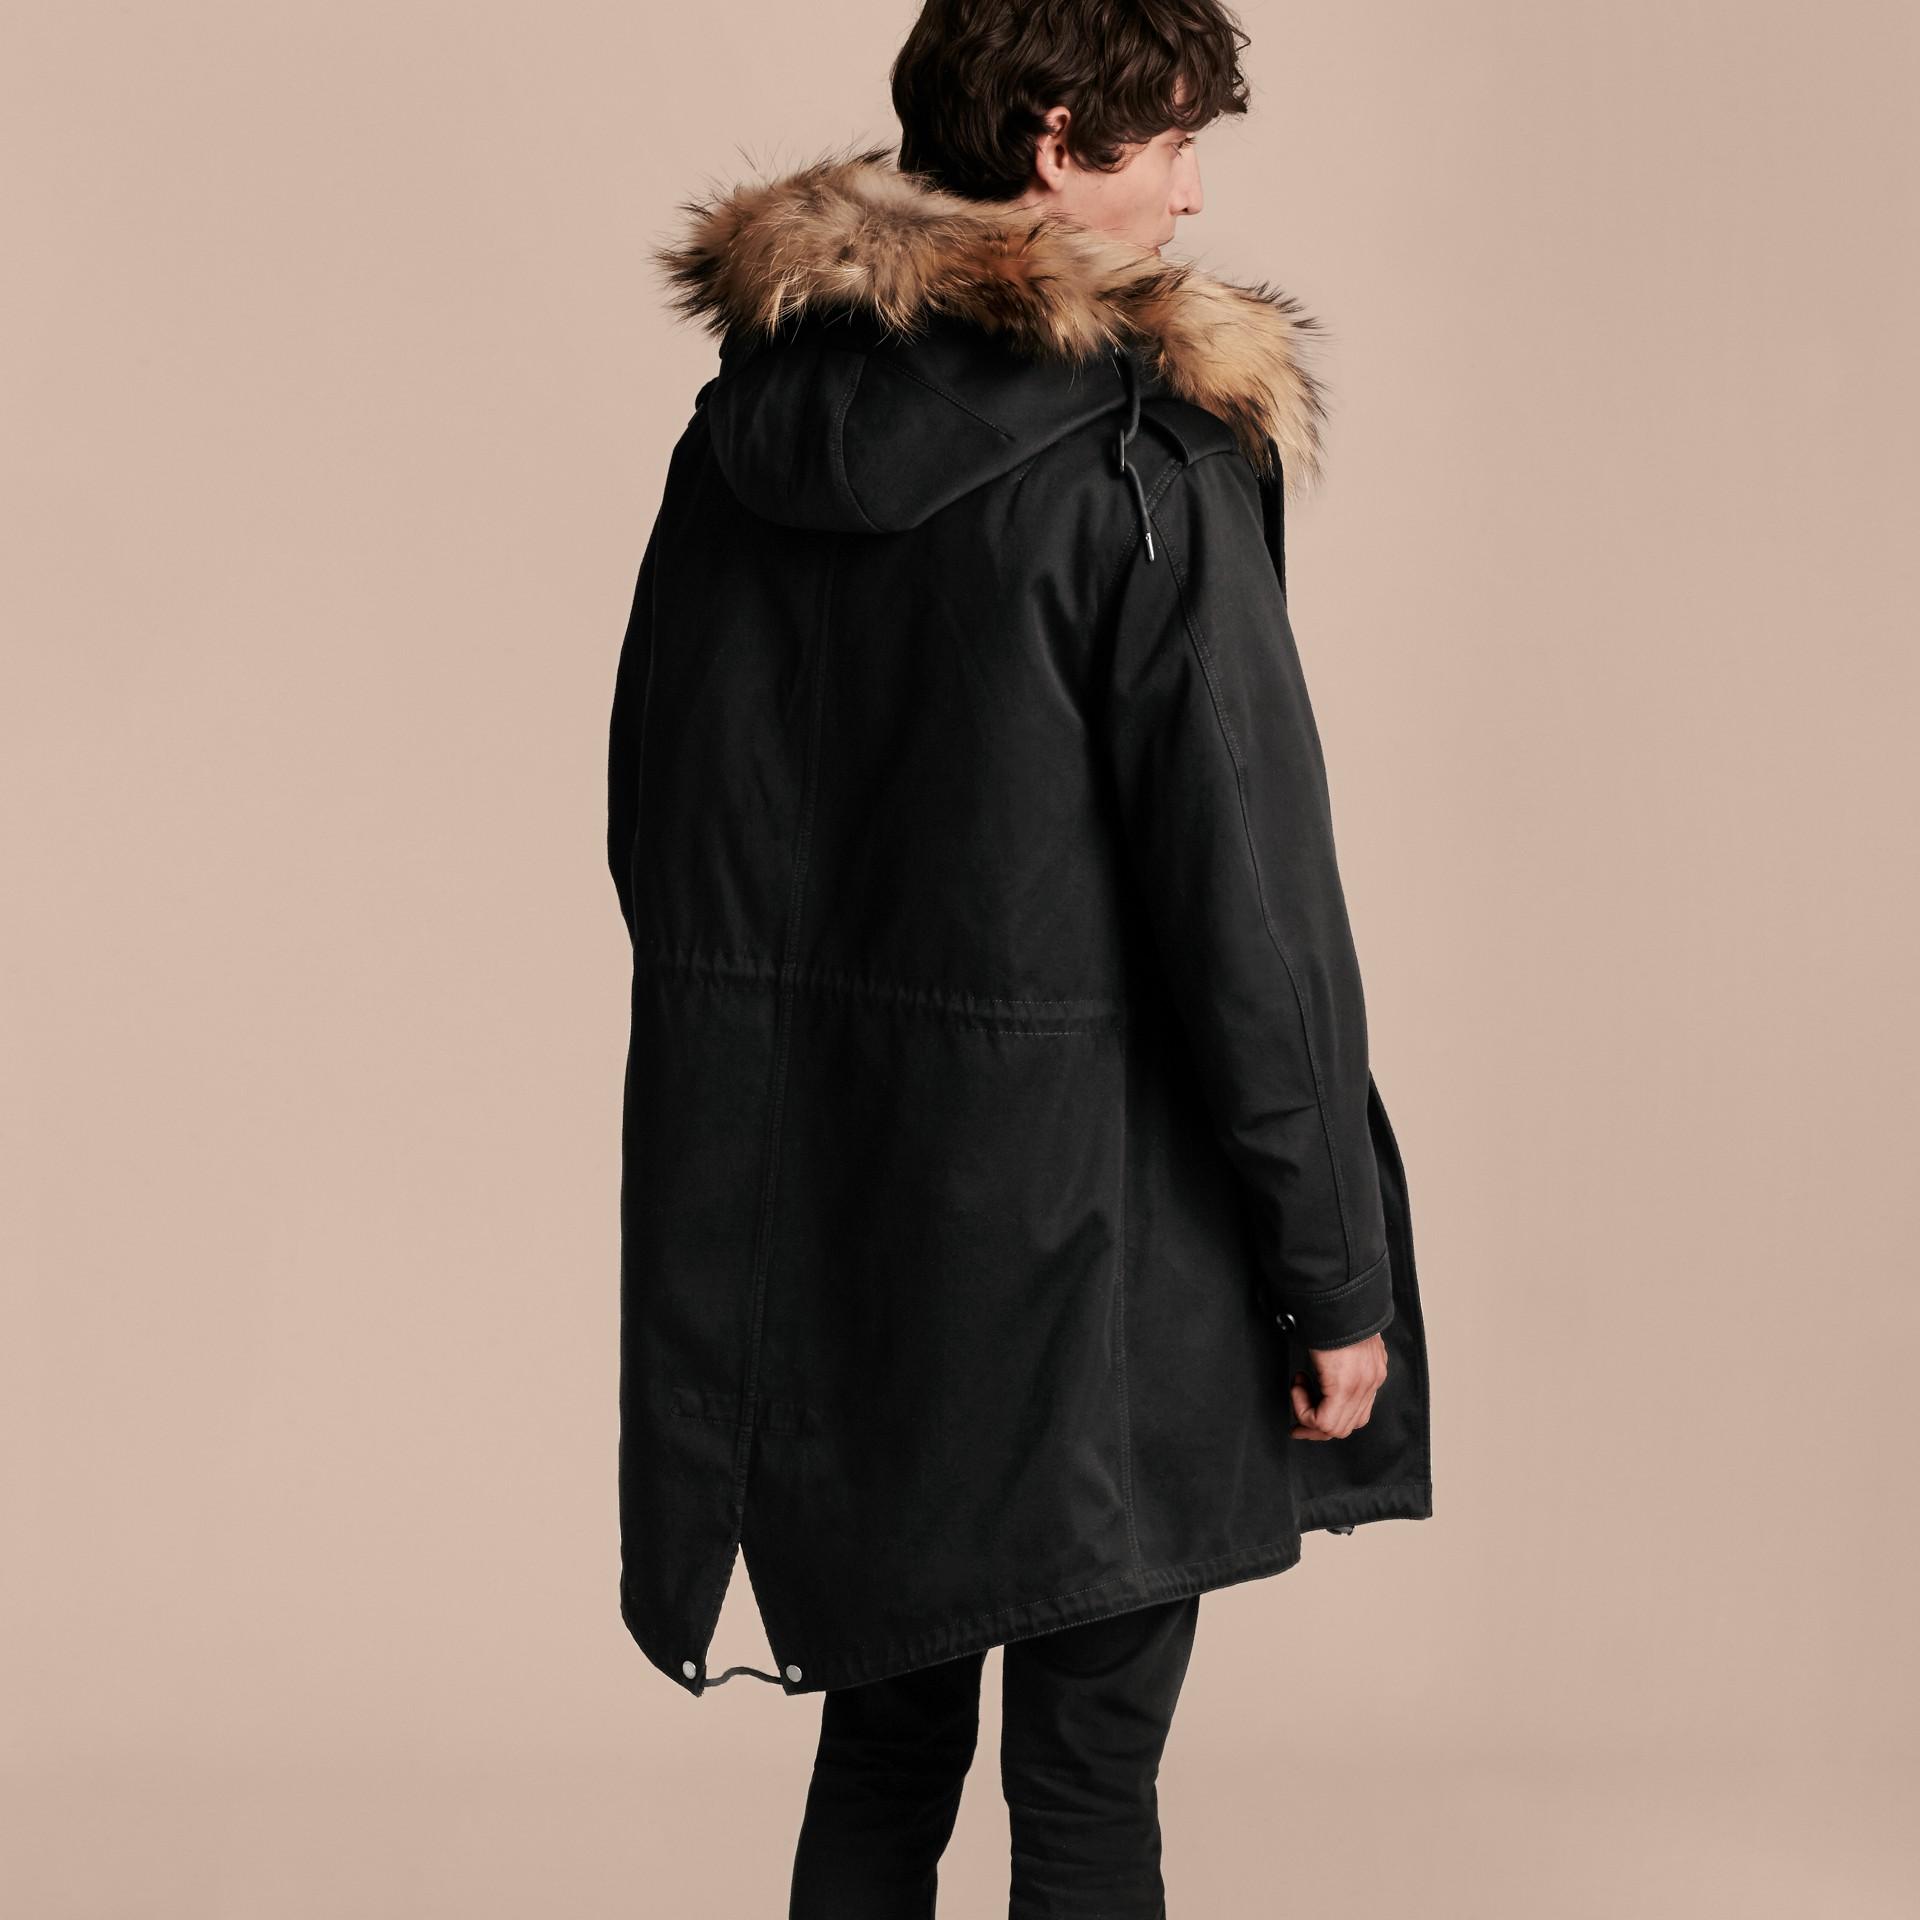 Noir Parka en satin de coton avec bordure et gilet intérieur en fourrure - photo de la galerie 3